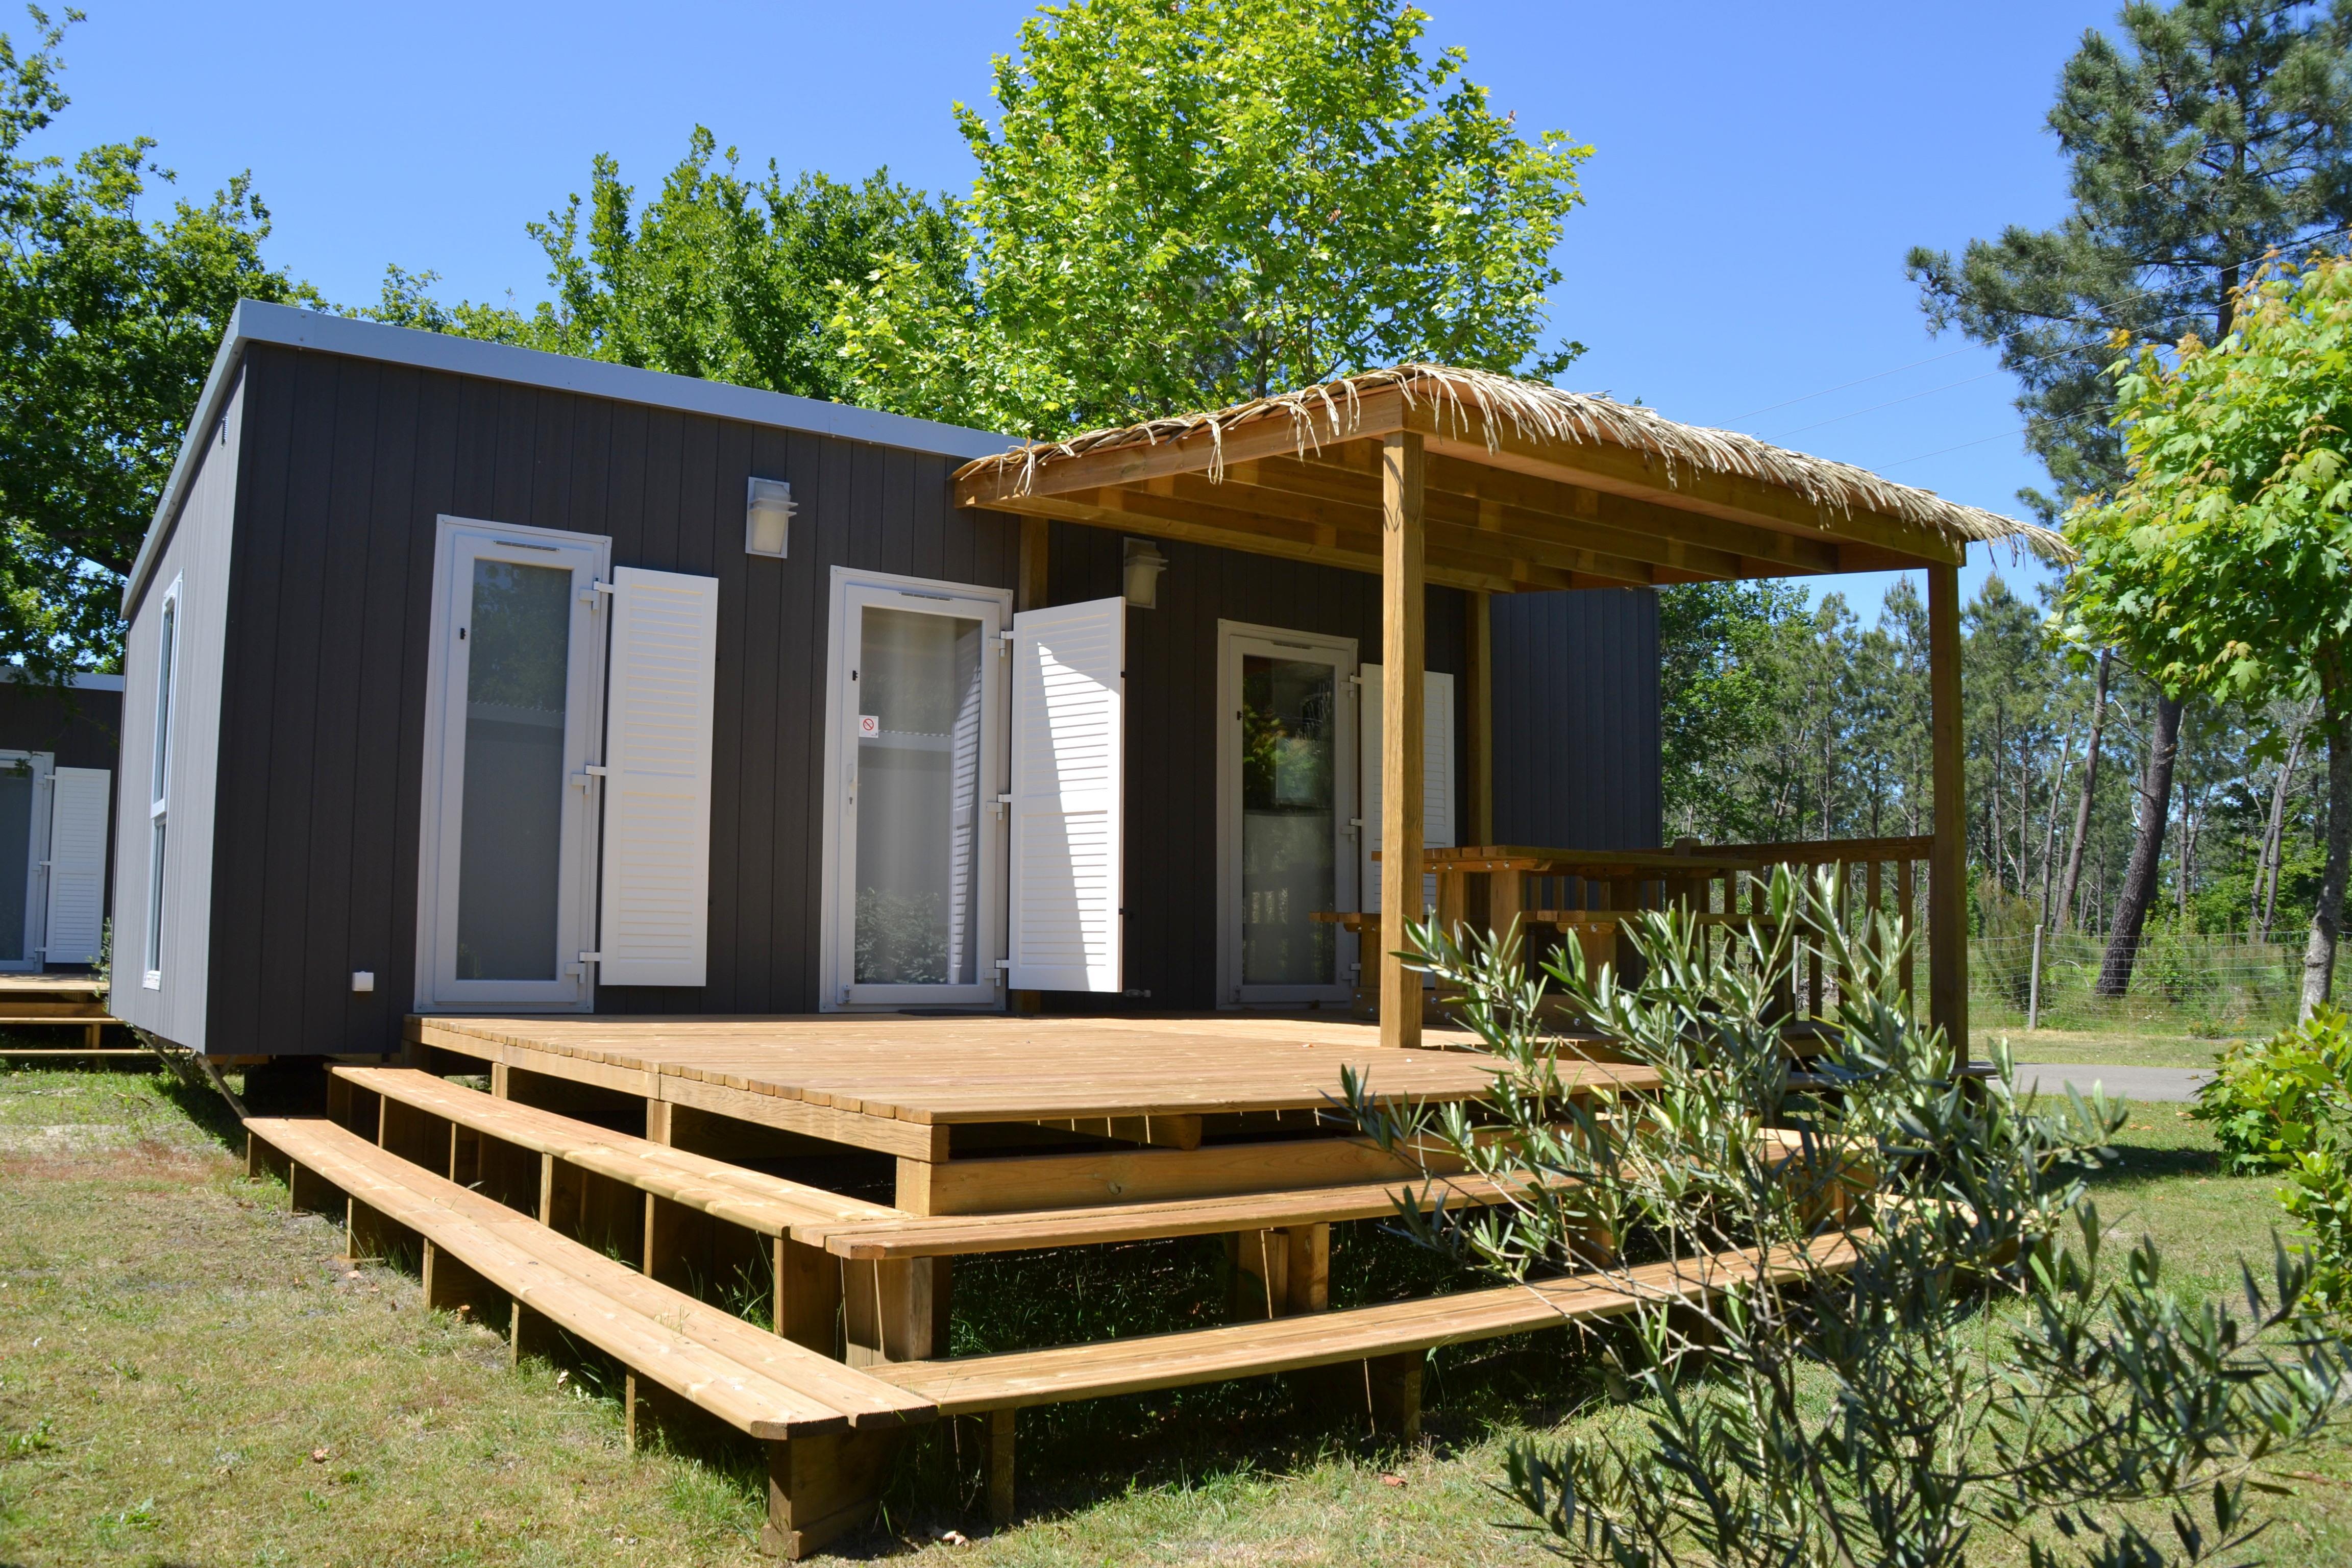 Location - Mobil Home Ciela Prestige - 35M² - 1 Suite Parentale- Chambre-  Salles De Bain- Climatisation - Tv - Lave Vaisselle - Draps Inclus - Camping Resort La Rive